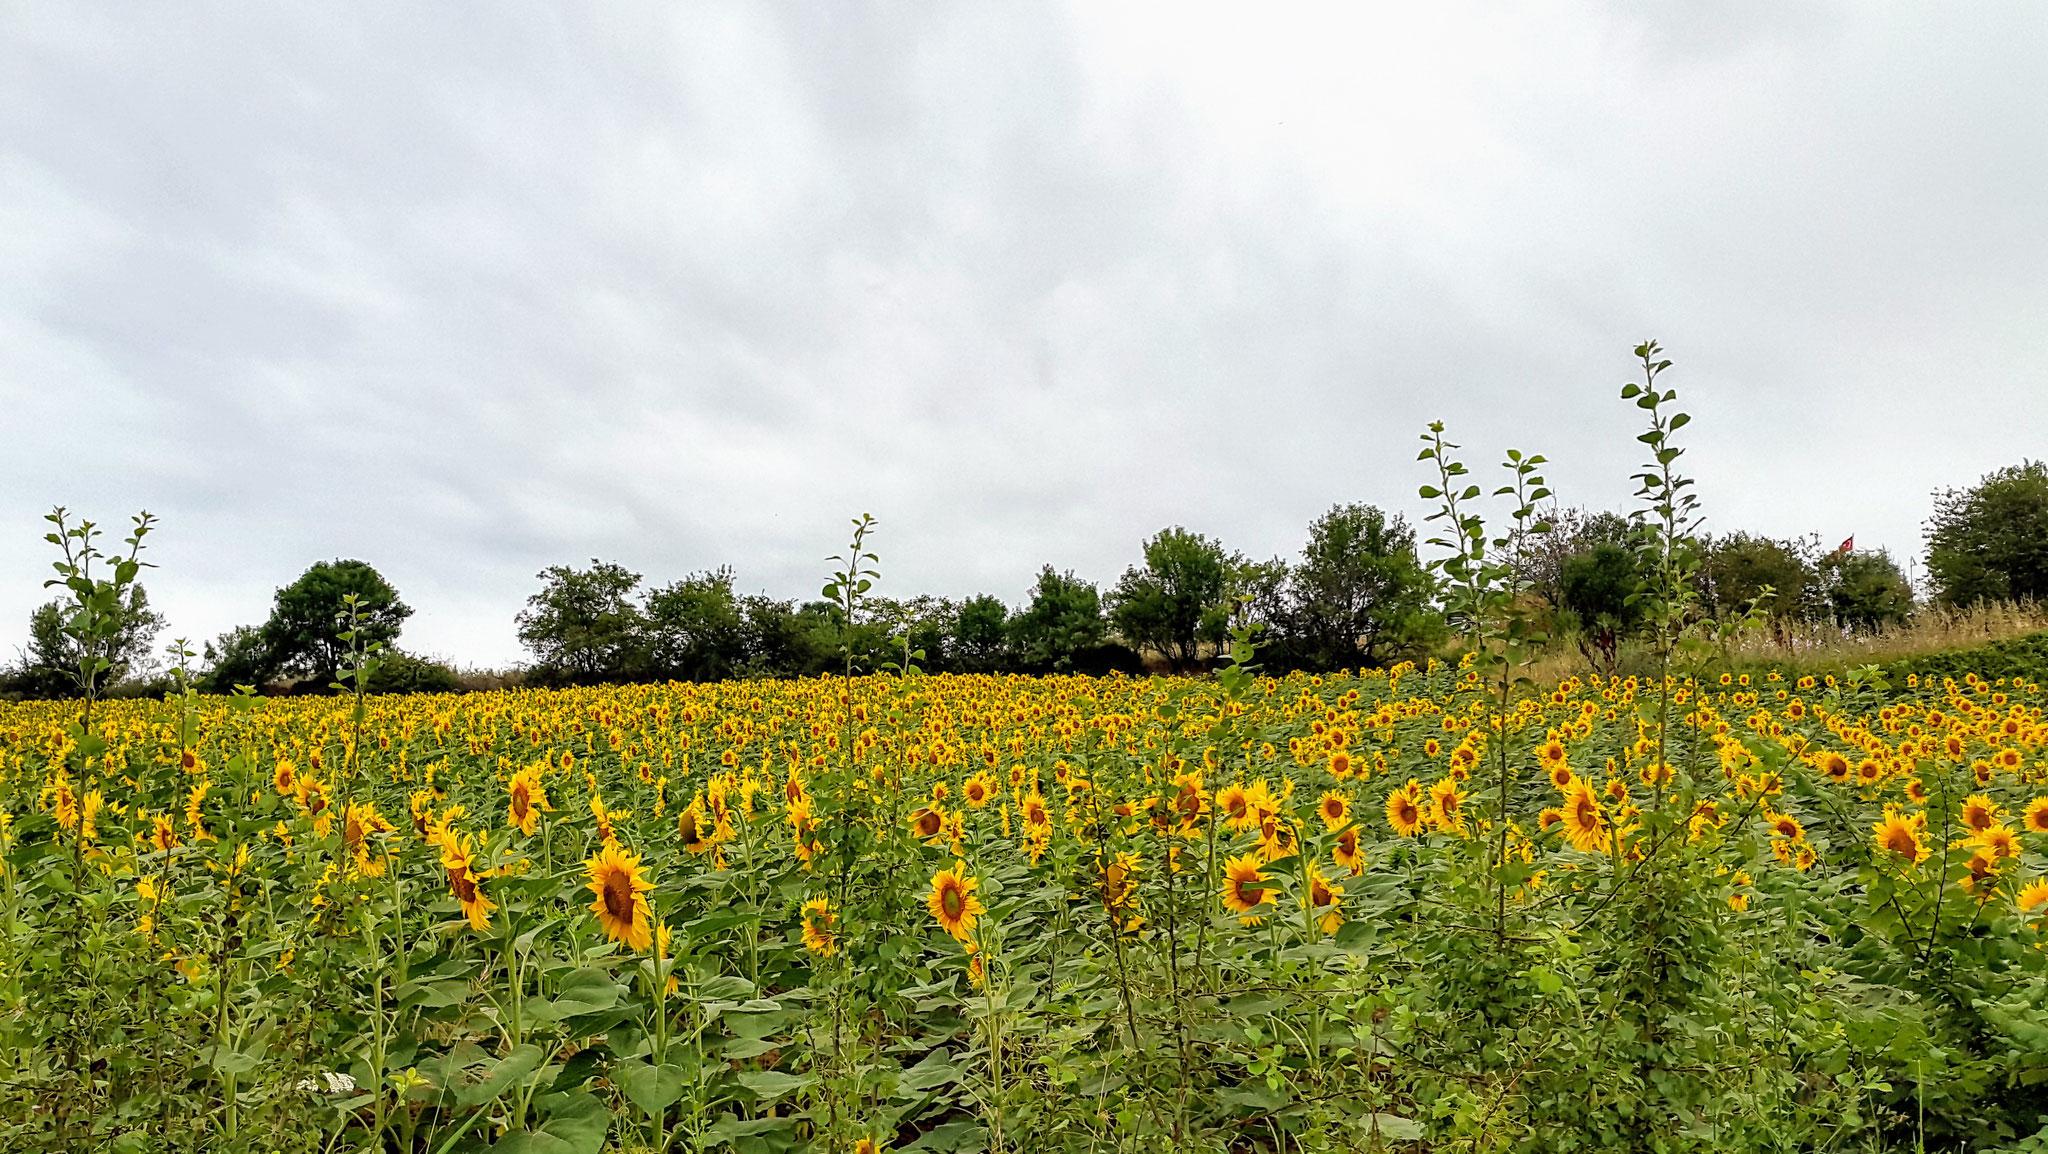 Eines von ganz vielen Sonnenblumenfeldern